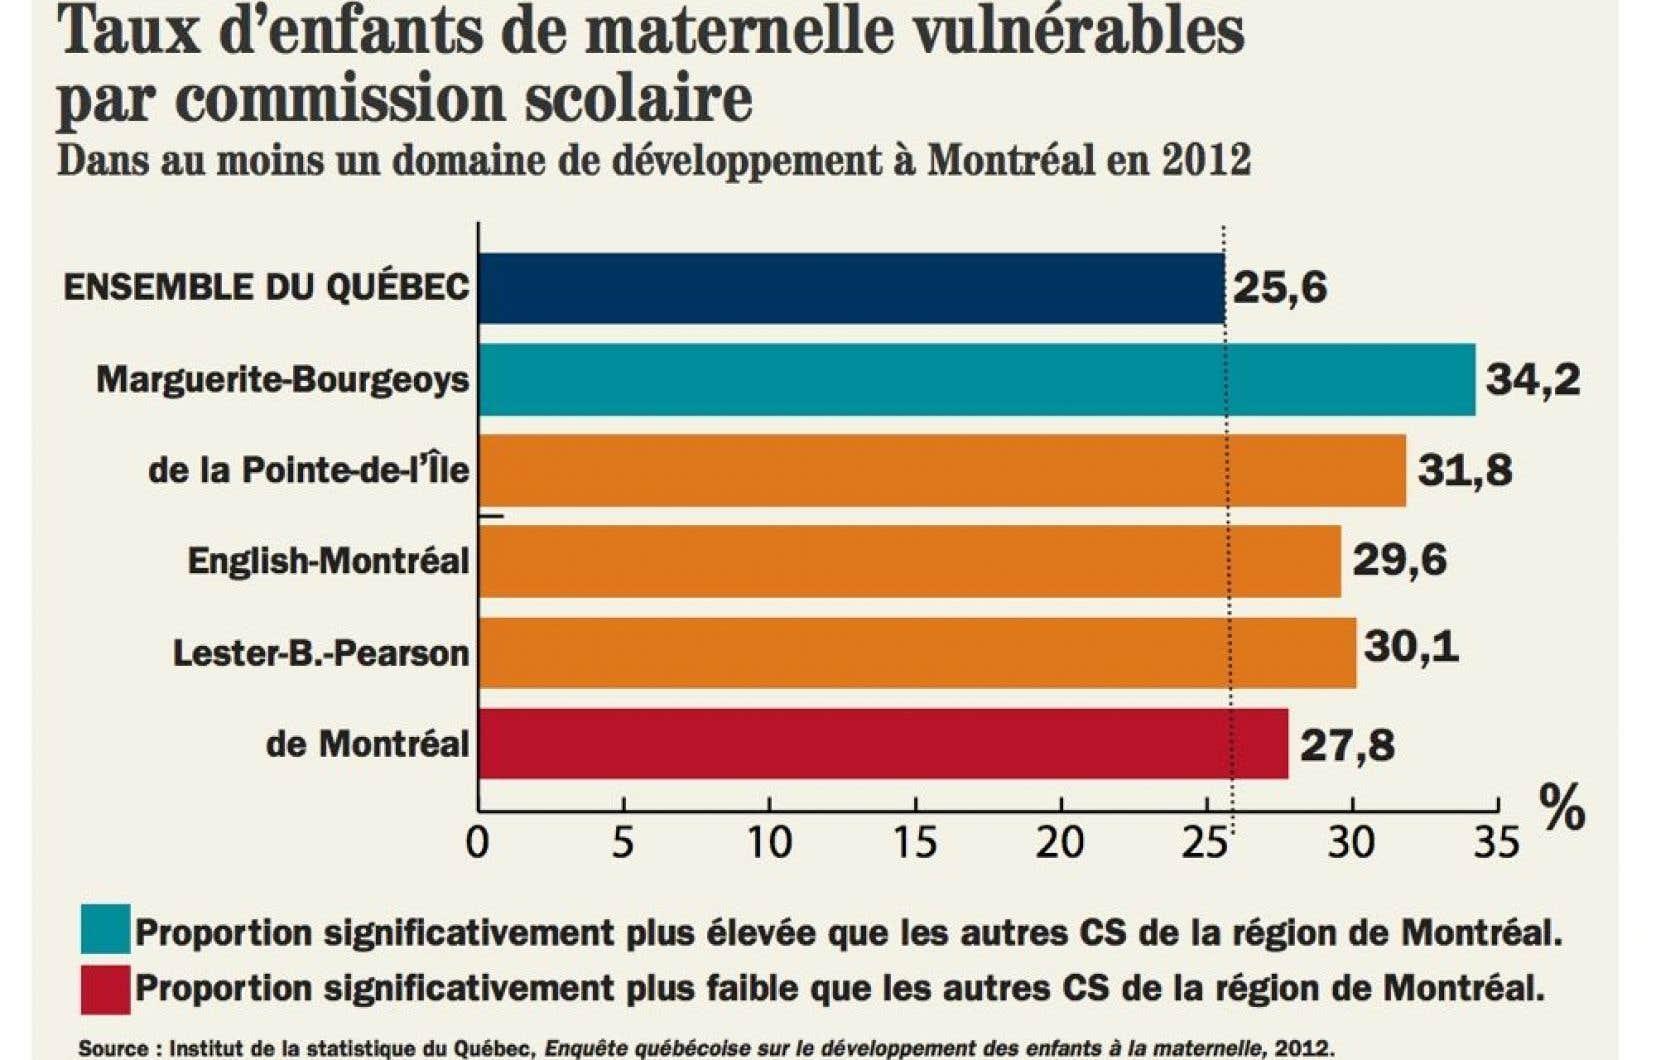 Enquête québécoise sur le développement des enfants à la maternelle, 2012.